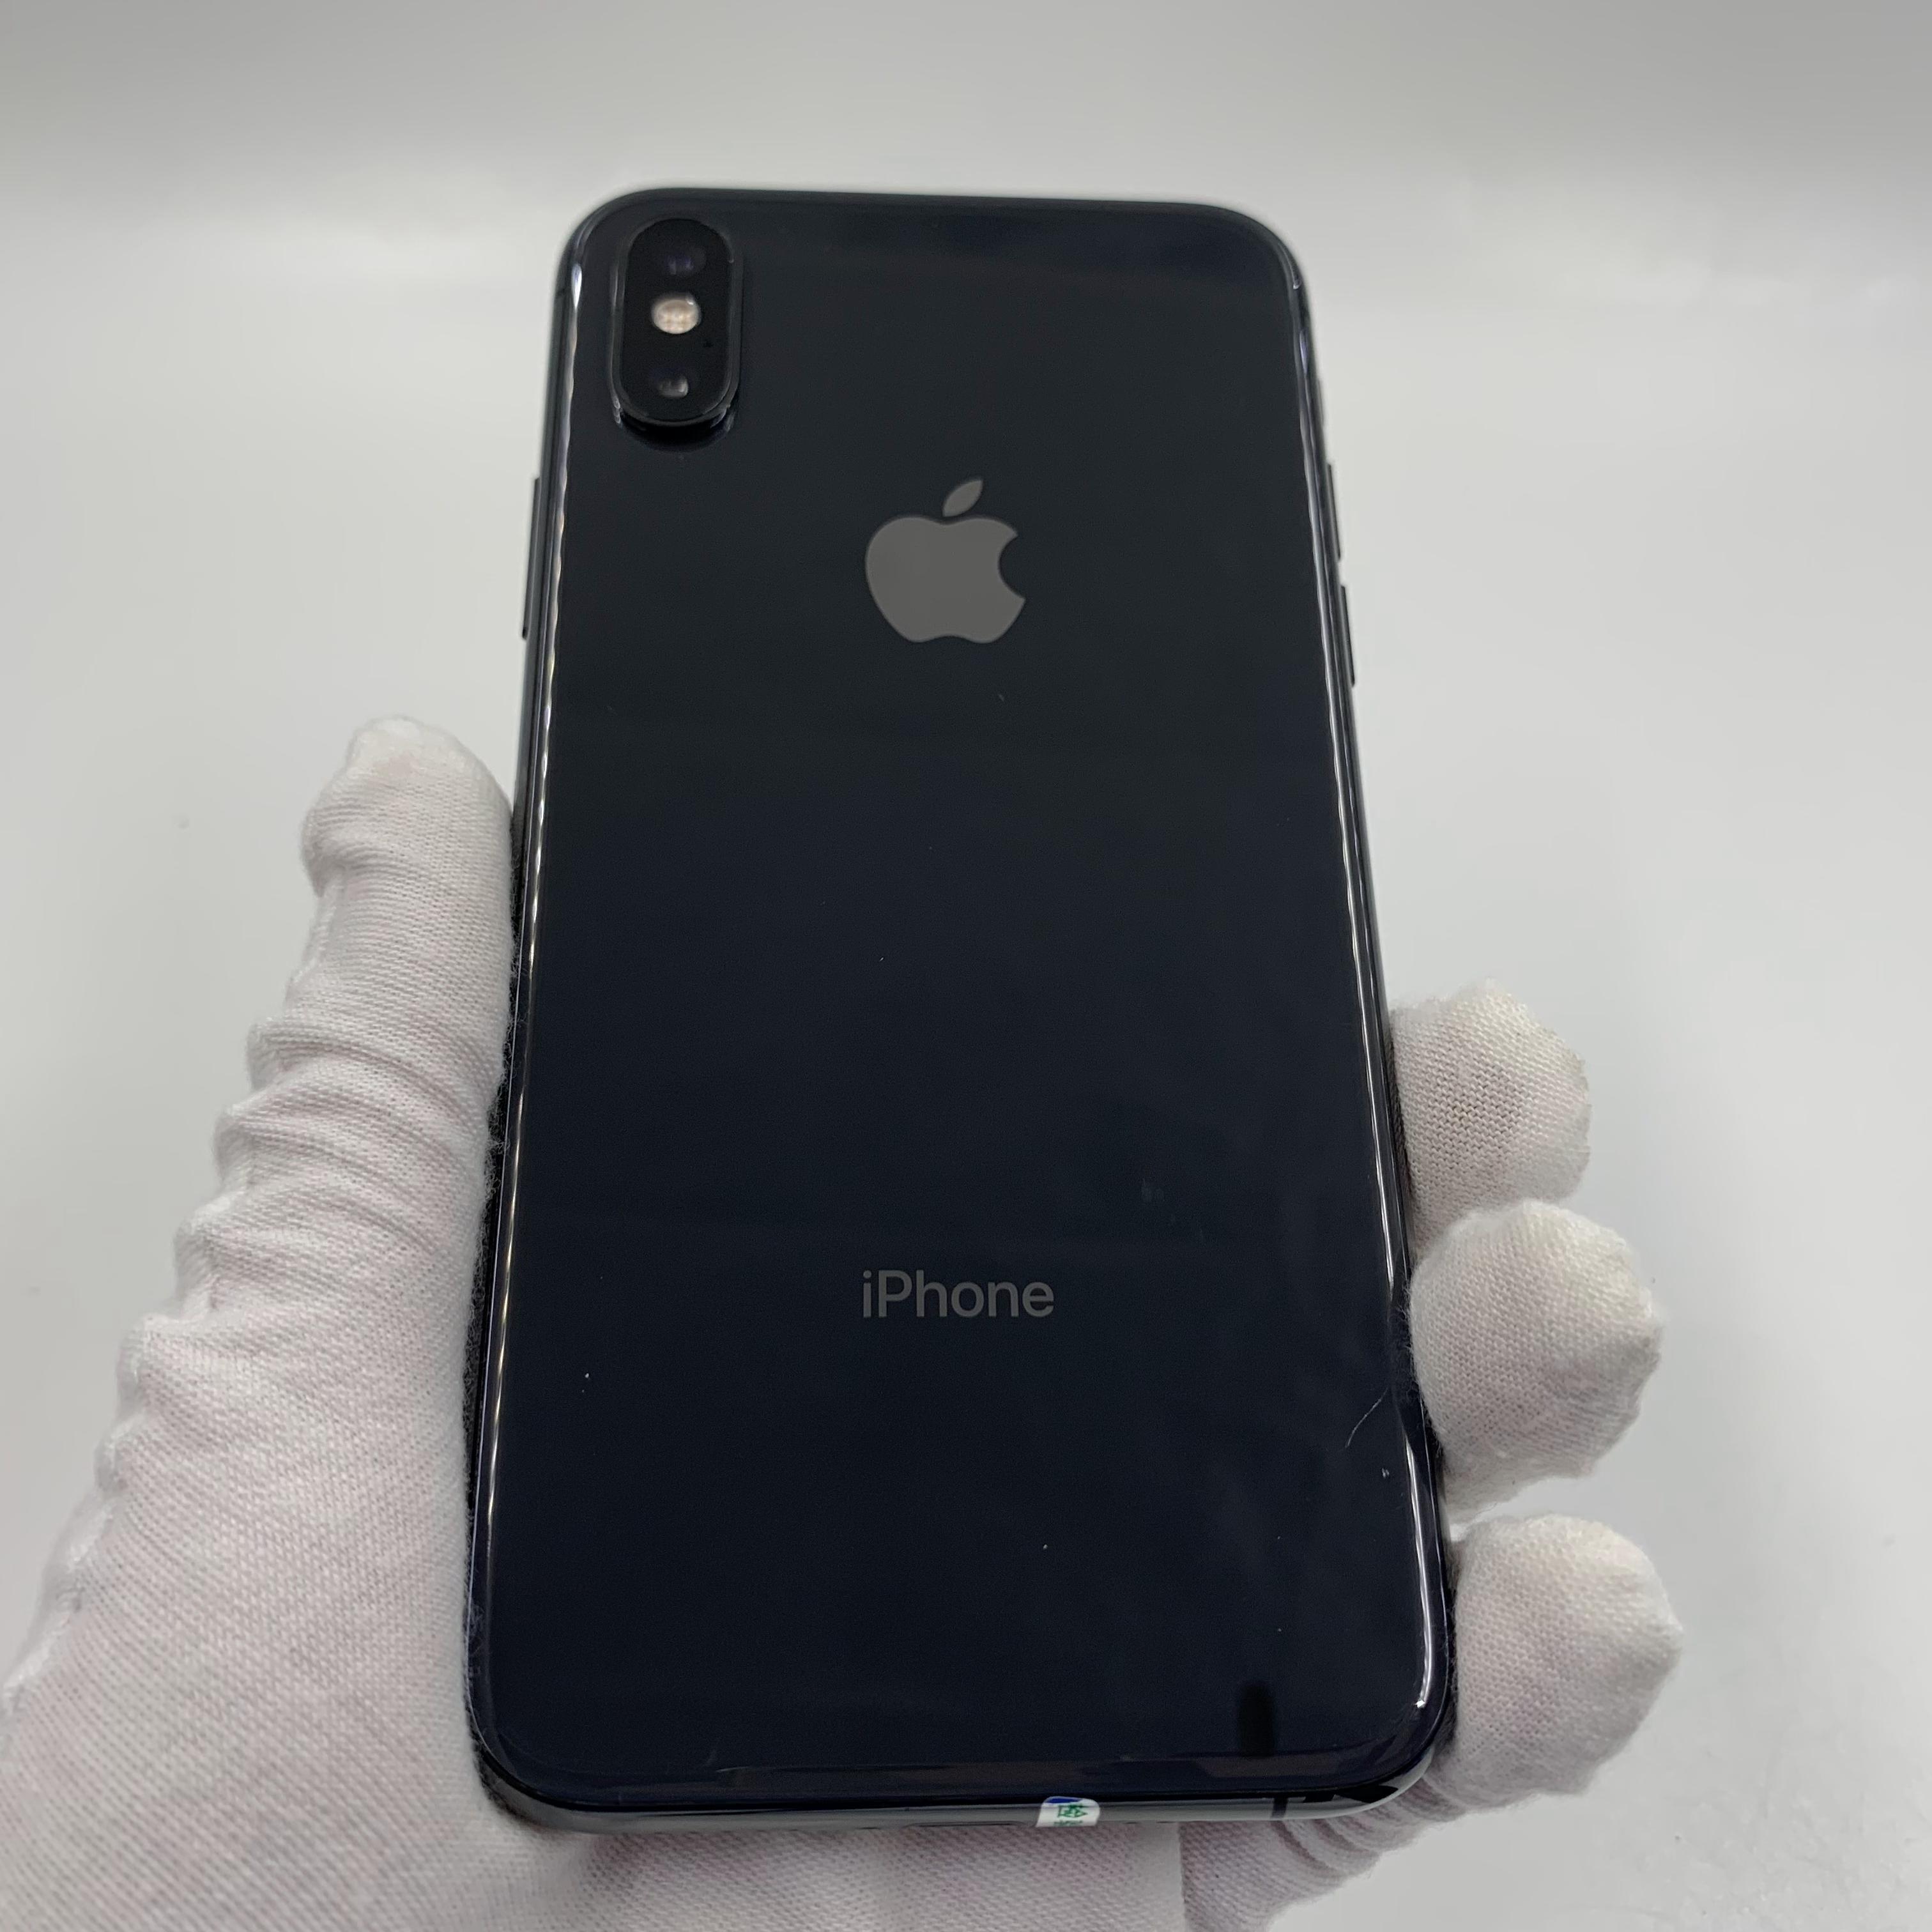 苹果【iPhone Xs】4G全网通 深空灰 64G 国行 9成新 真机实拍